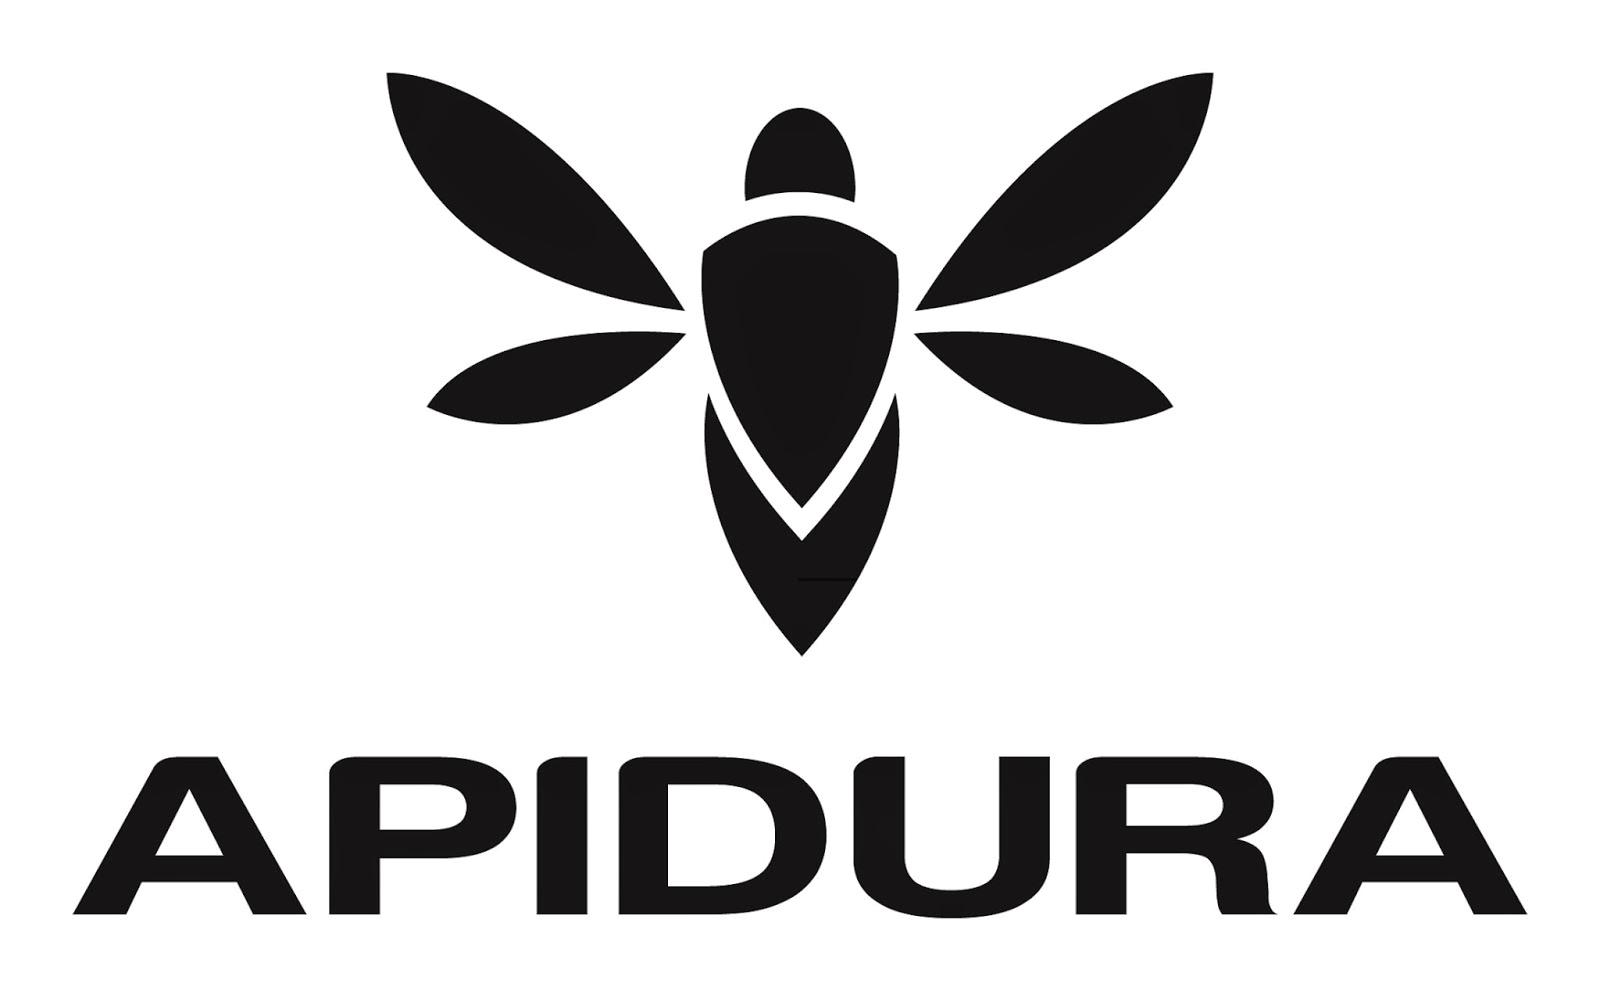 Apidura-logo.jpg